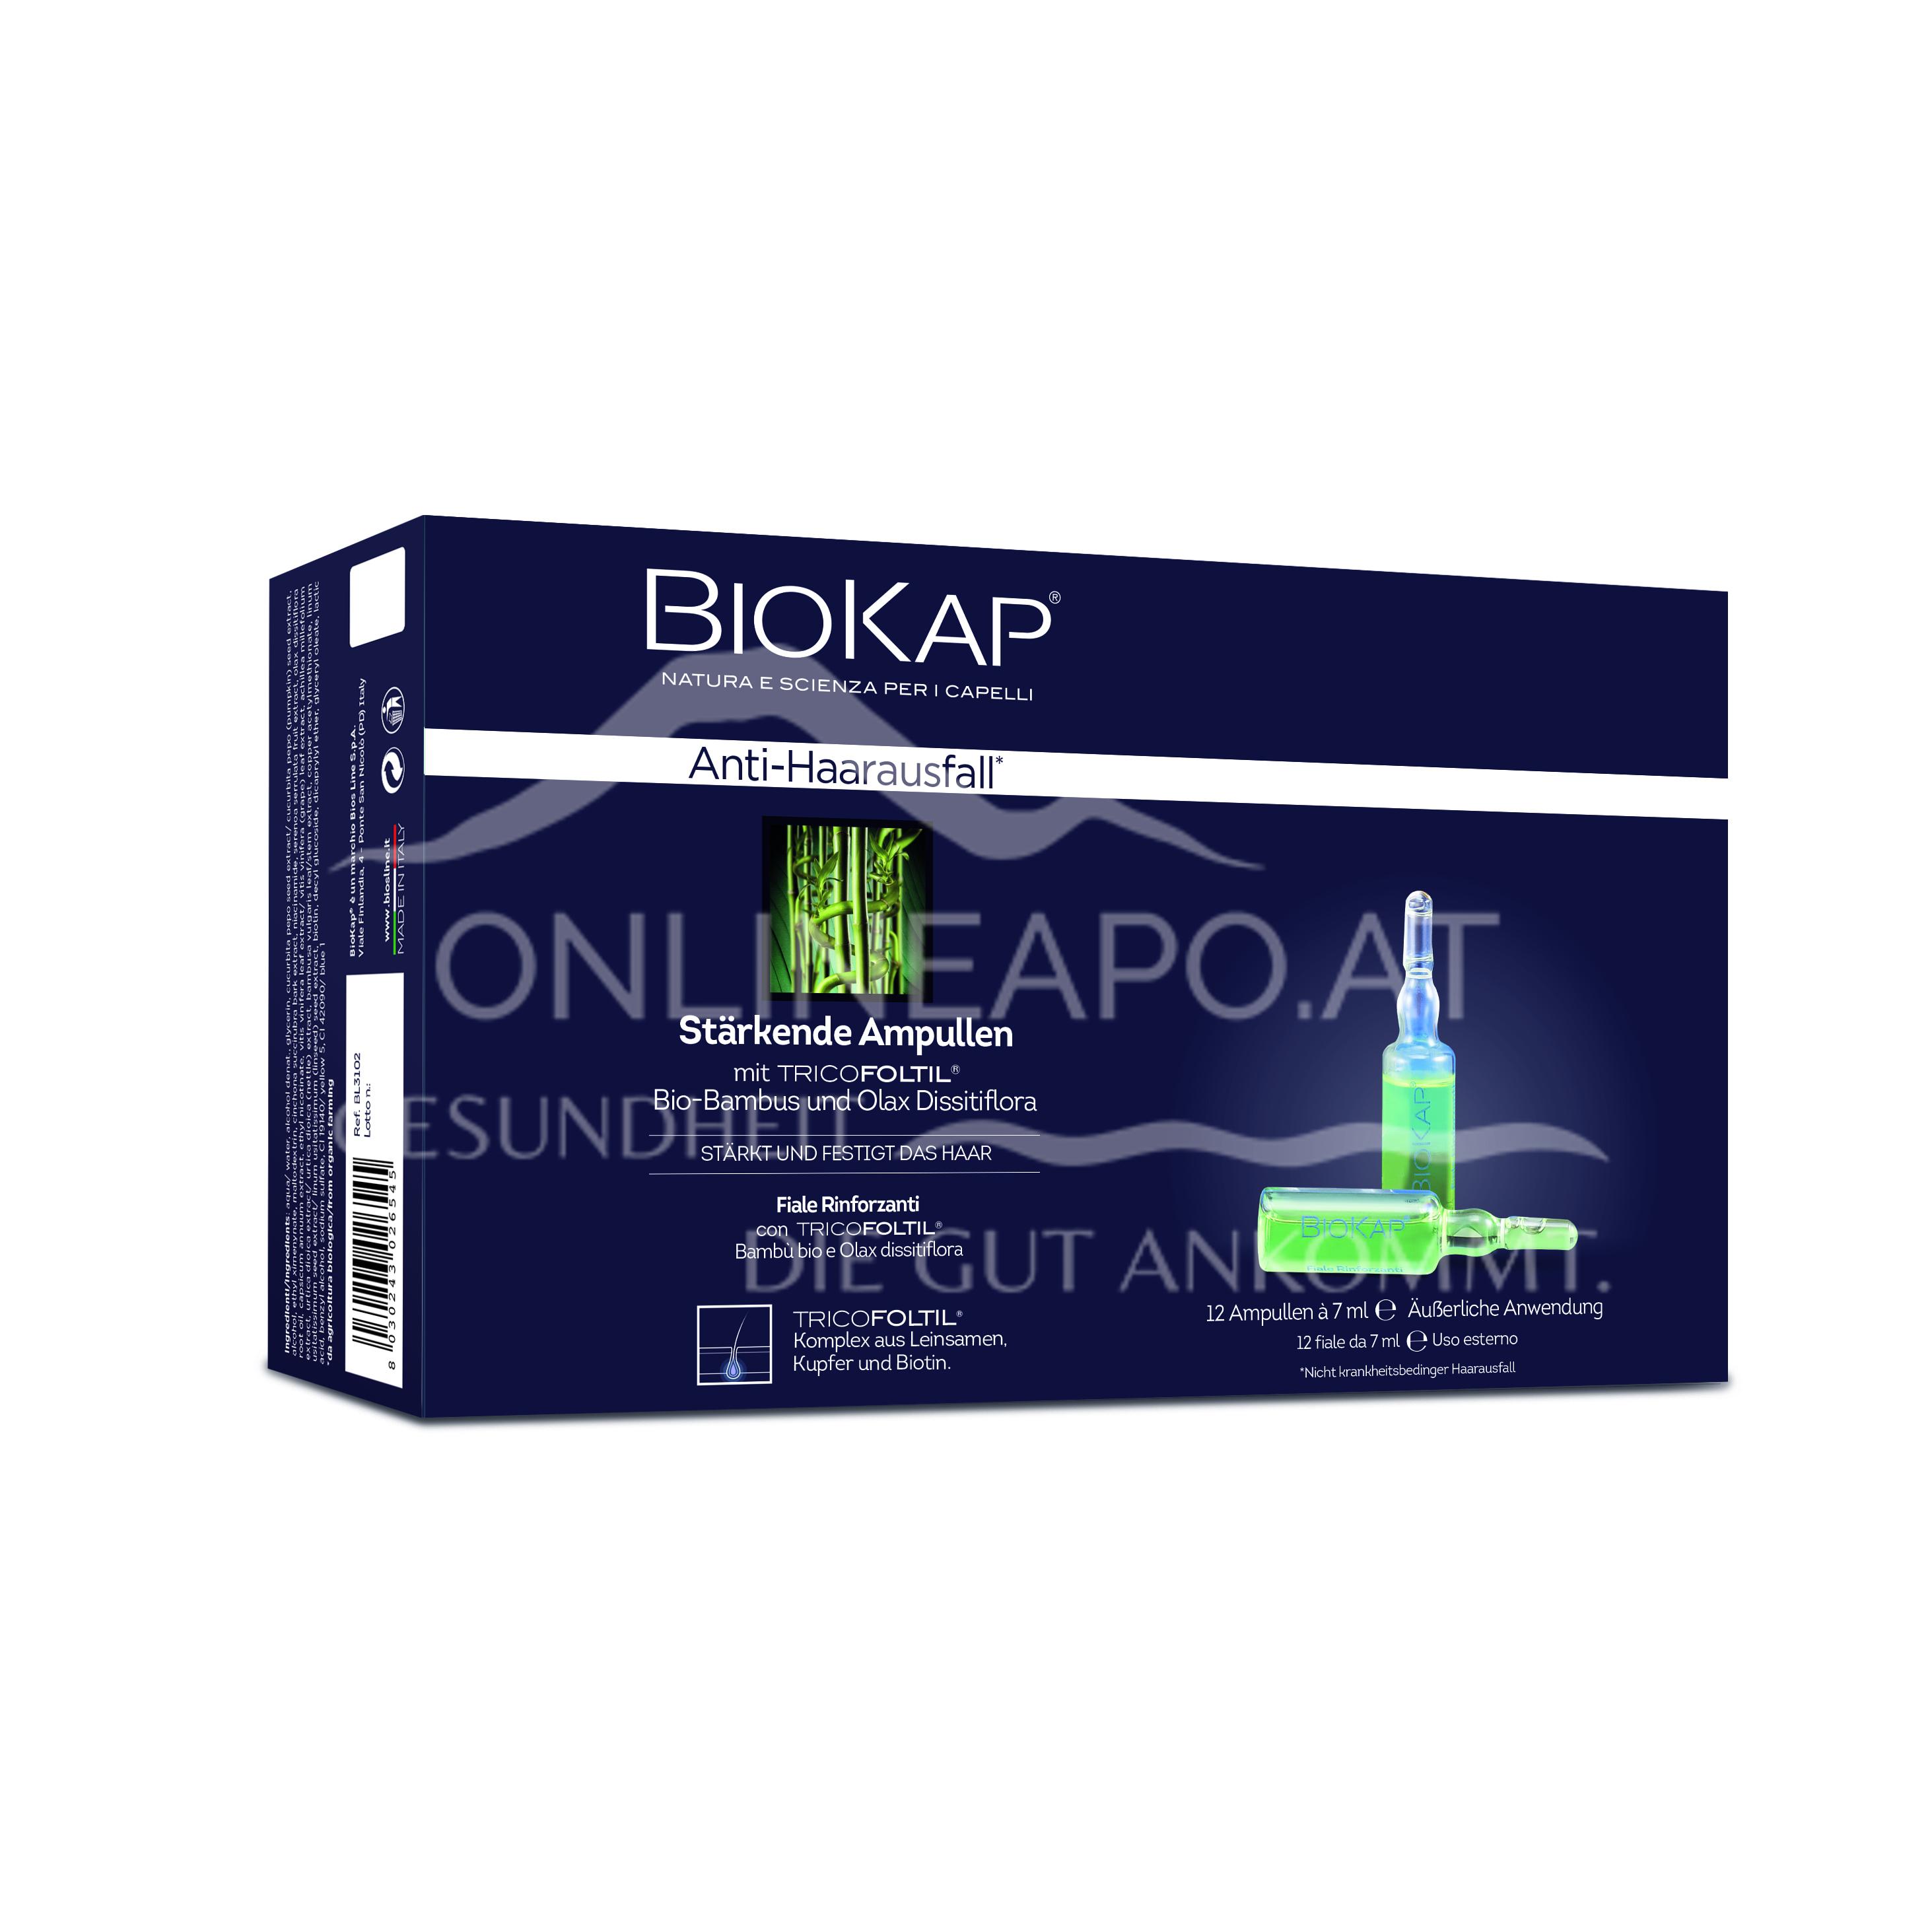 BioKap Anti-Haarausfall Stärkende Ampullen